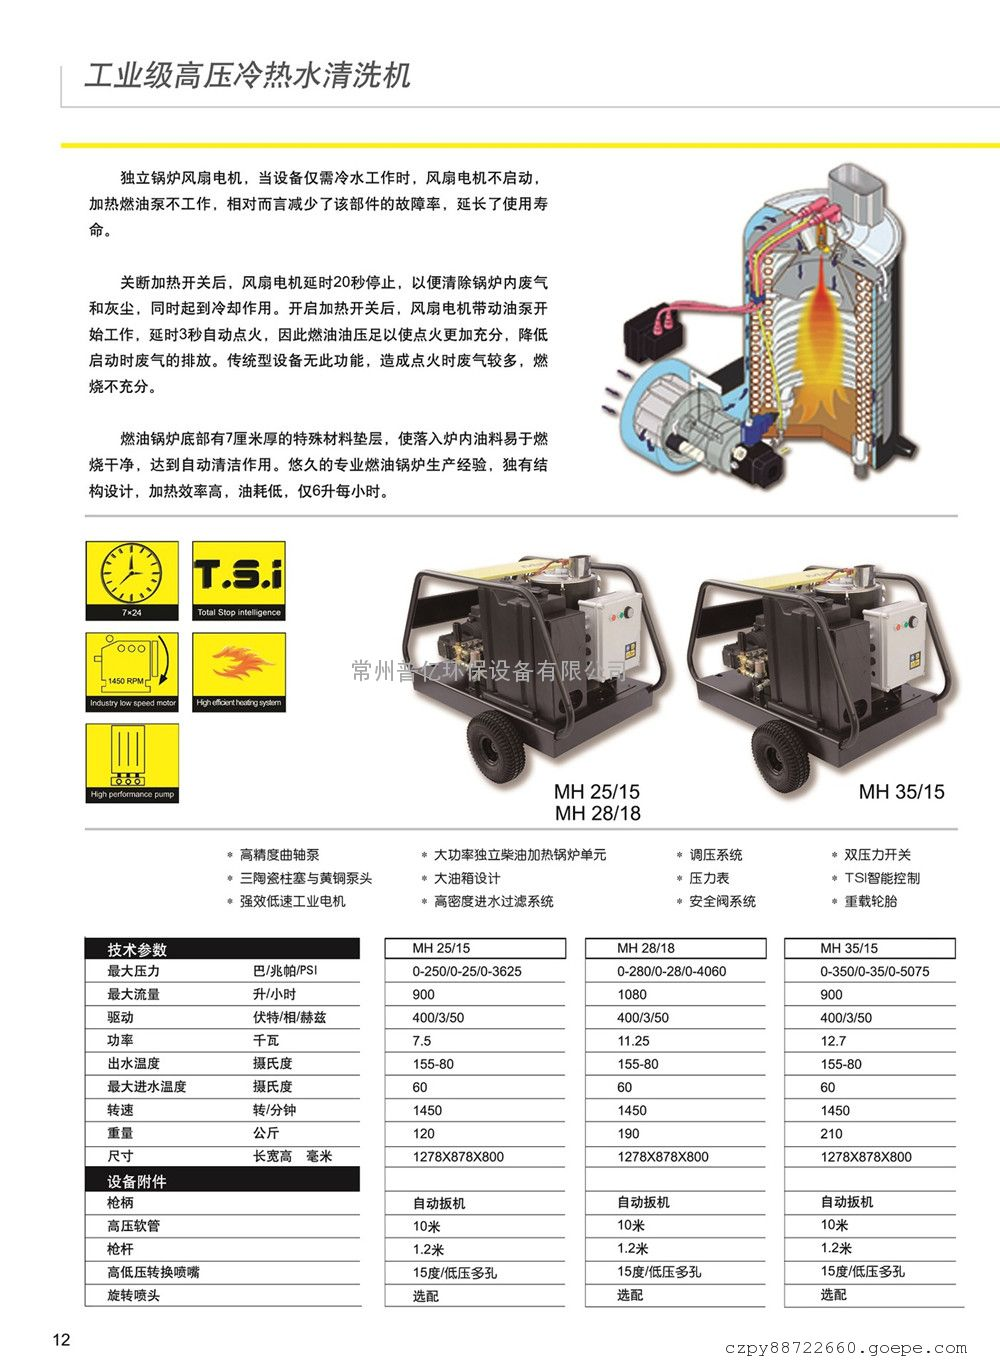 350公斤燃油加热清洗机 德国马哈清洗机MH35/15